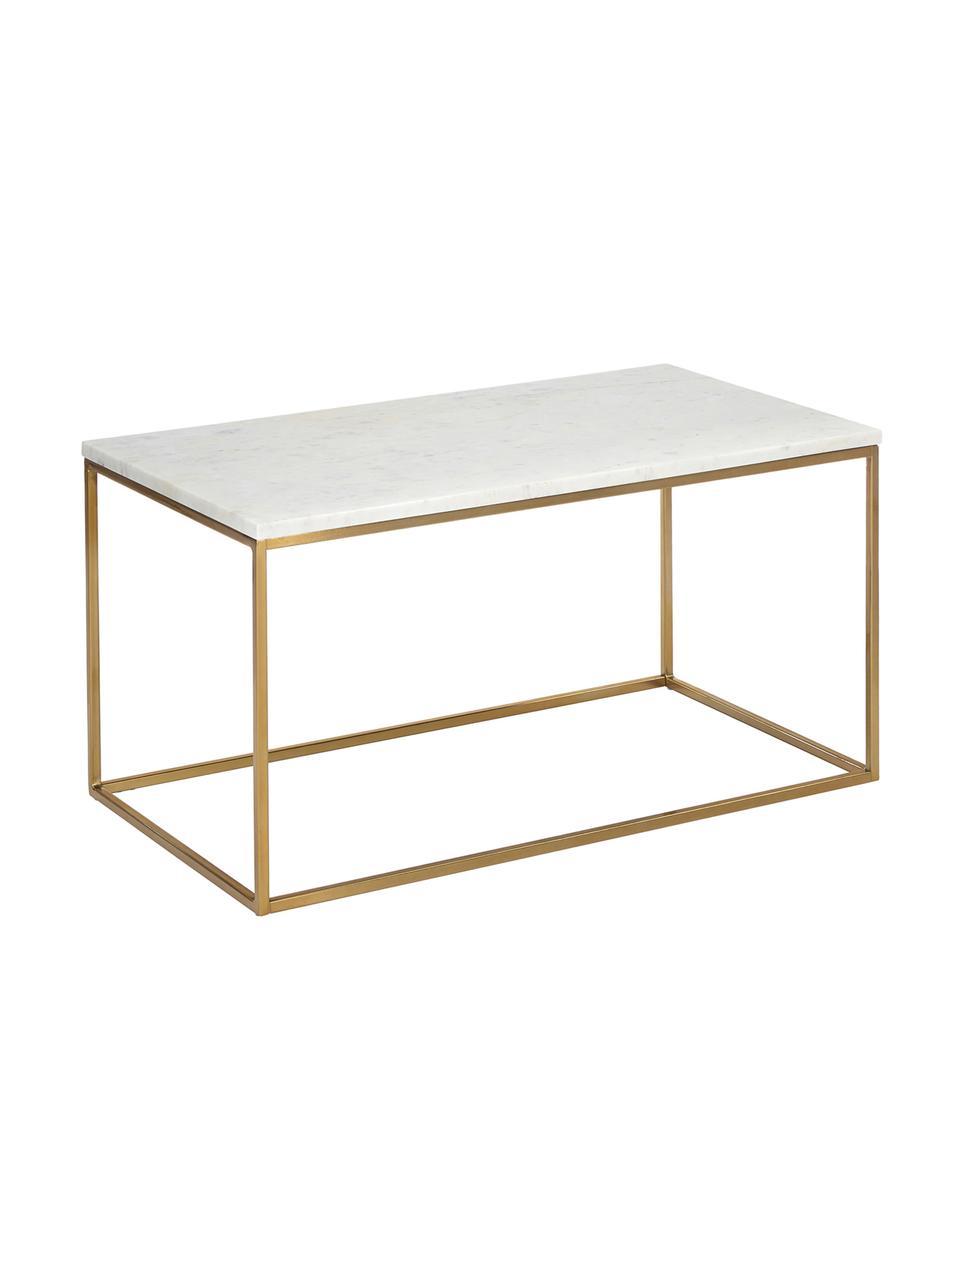 Mesa de centro de mármol Alys, Tablero: mármol natural, Estructura: metal con pintura en polv, Mármol blanco, dorado, An 80 x Al 40 cm